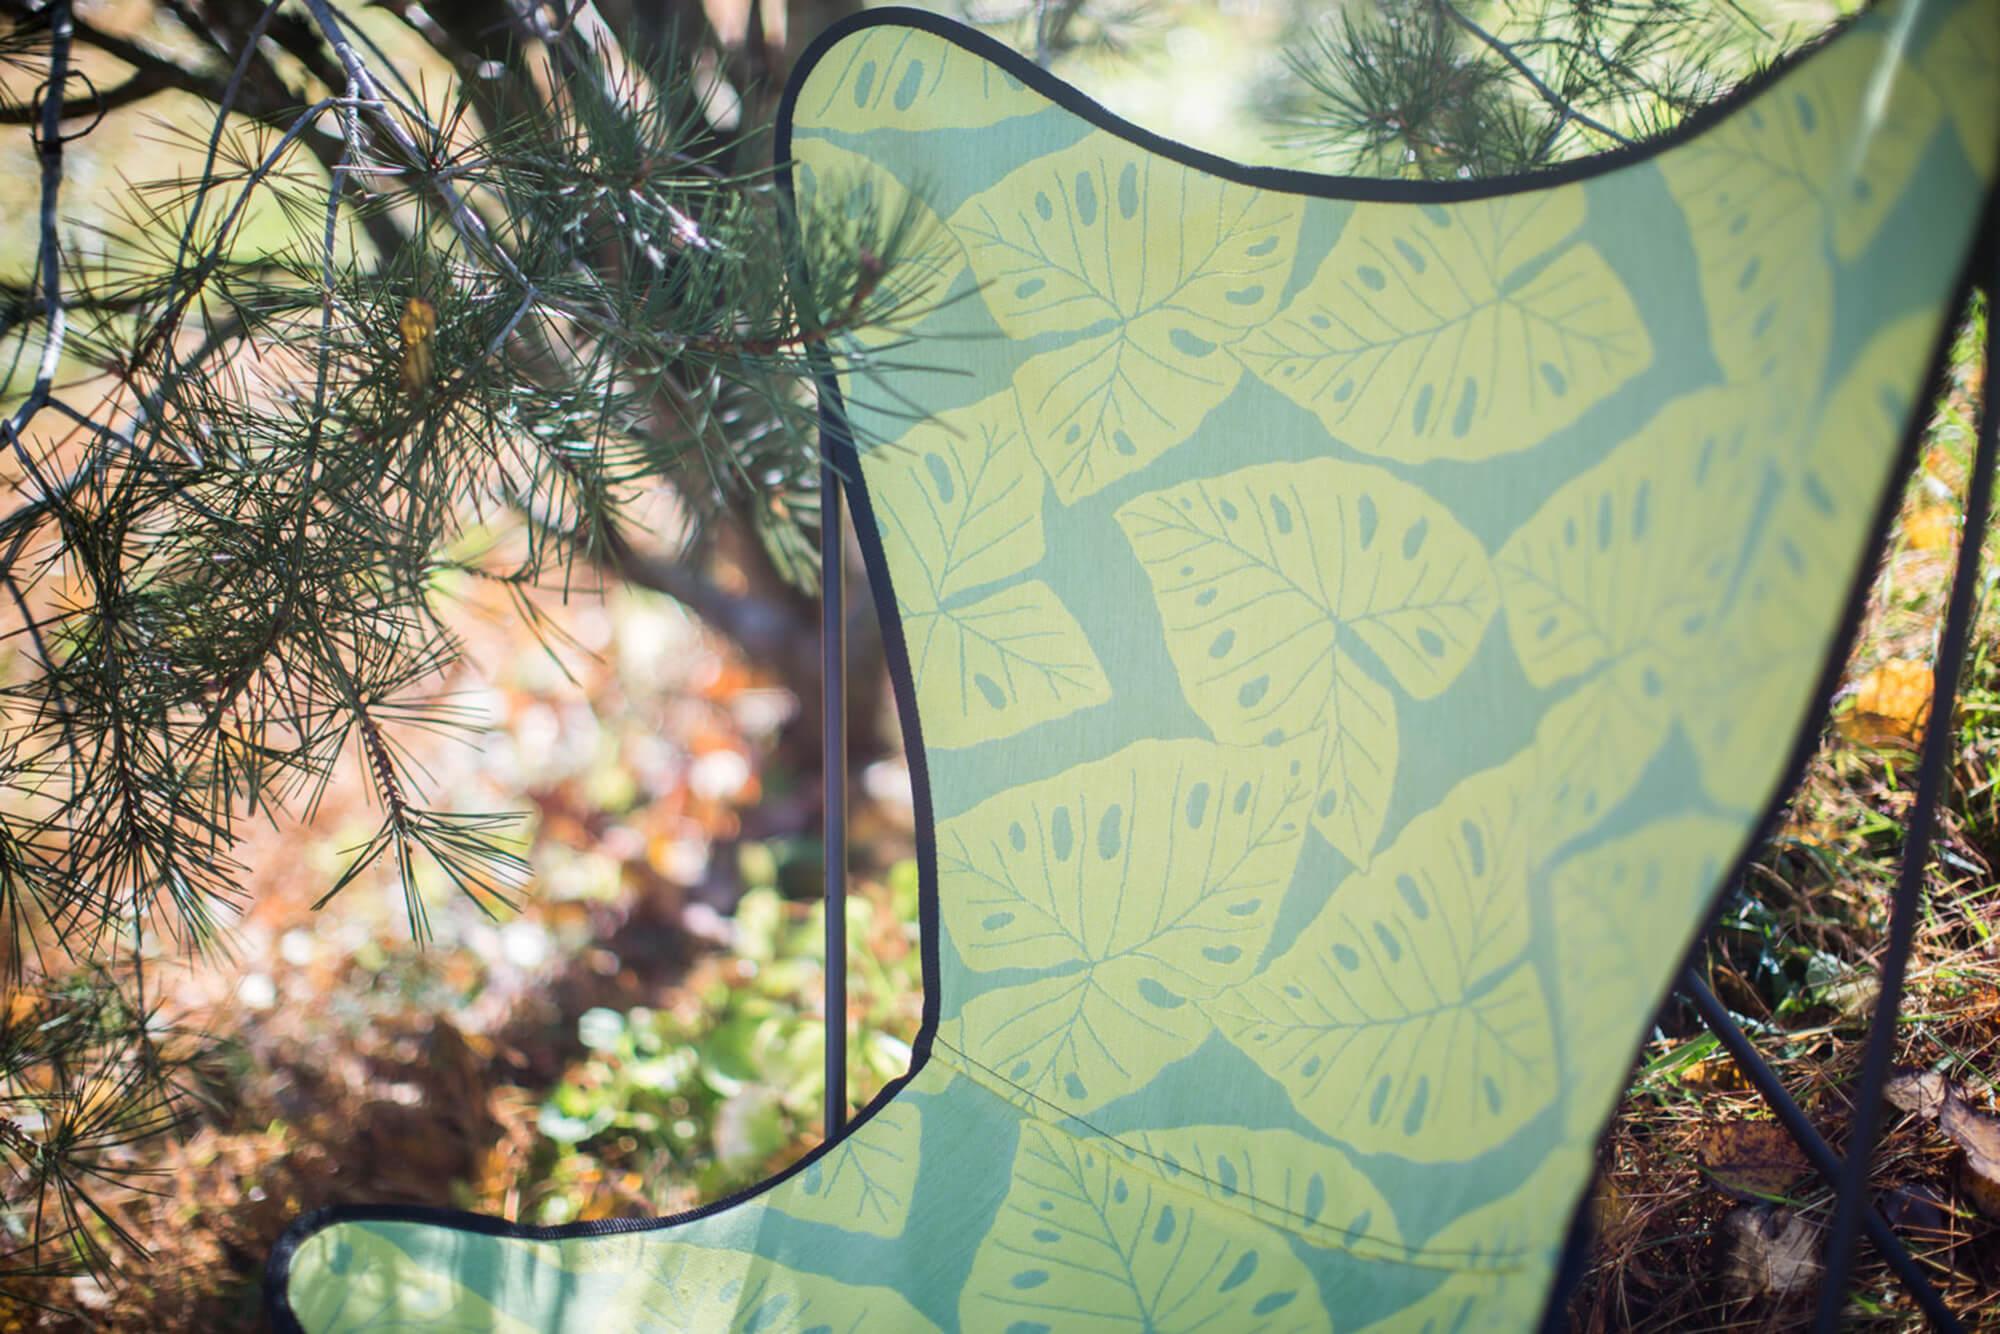 Cận cảnh ghế hình cánh bướm với vải Radiant Kiwi từ bộ sưu tập Sunbrella Shift